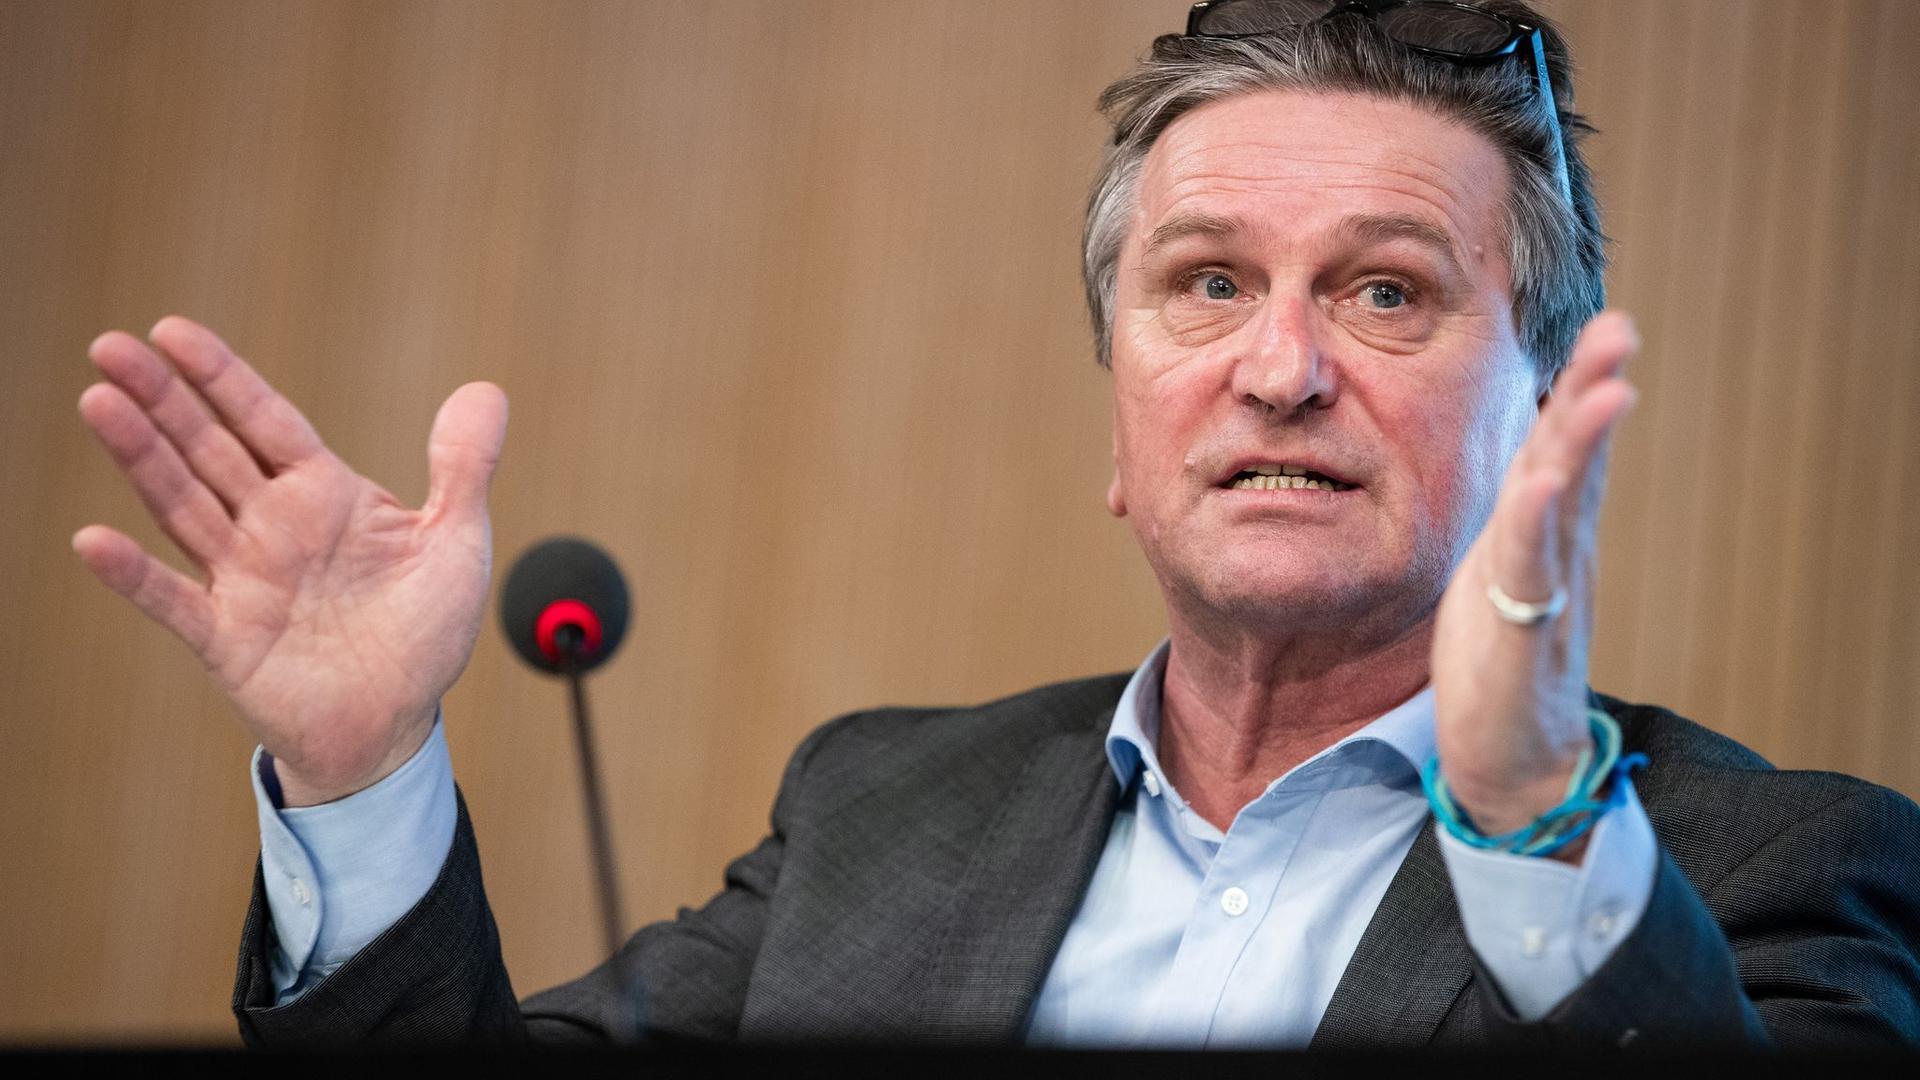 Baden-Württembergs Gesundheitsminister Manne Lucha (Grüne) spricht bei einer Pressekonferenz.